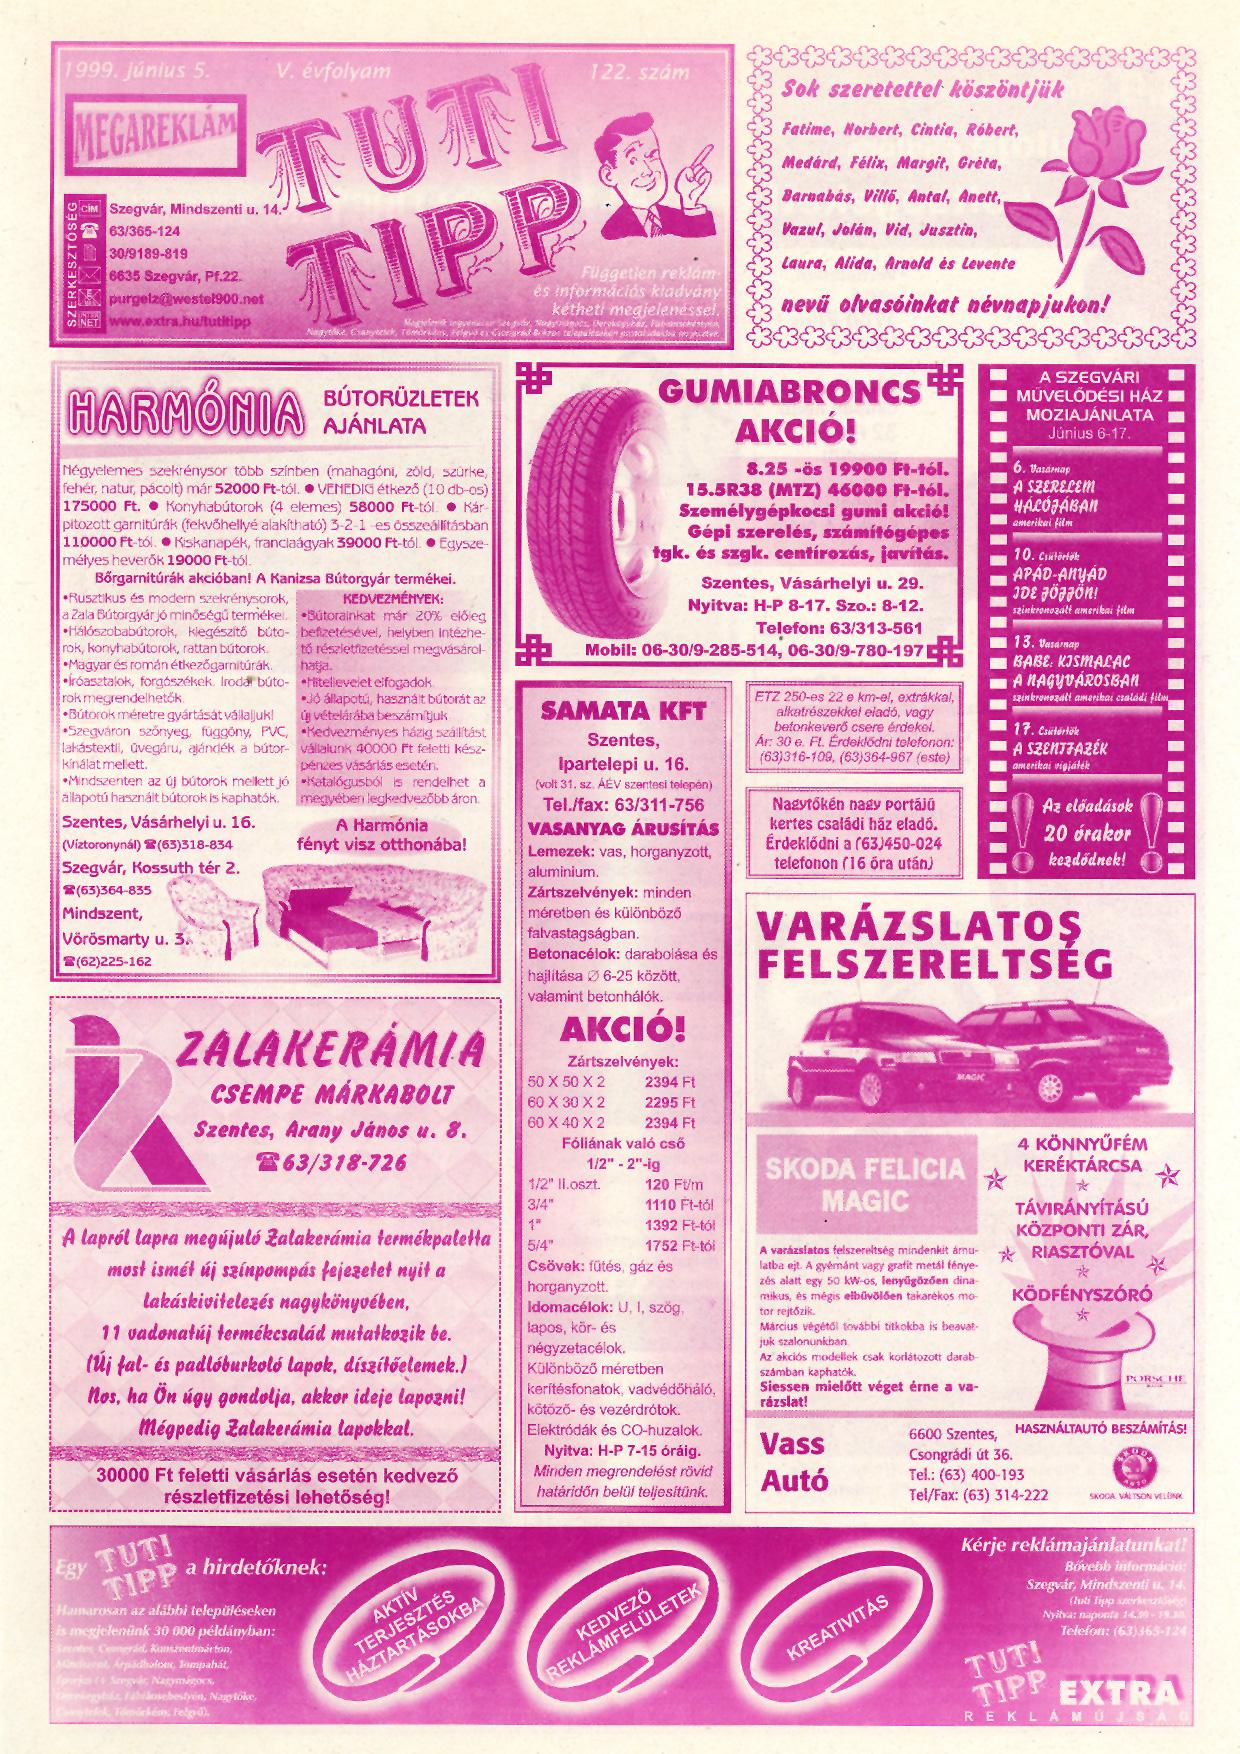 021 Tuti Tipp reklámújság - 19990605-122. lapszám - 1.oldal - V. évfolyam.jpg